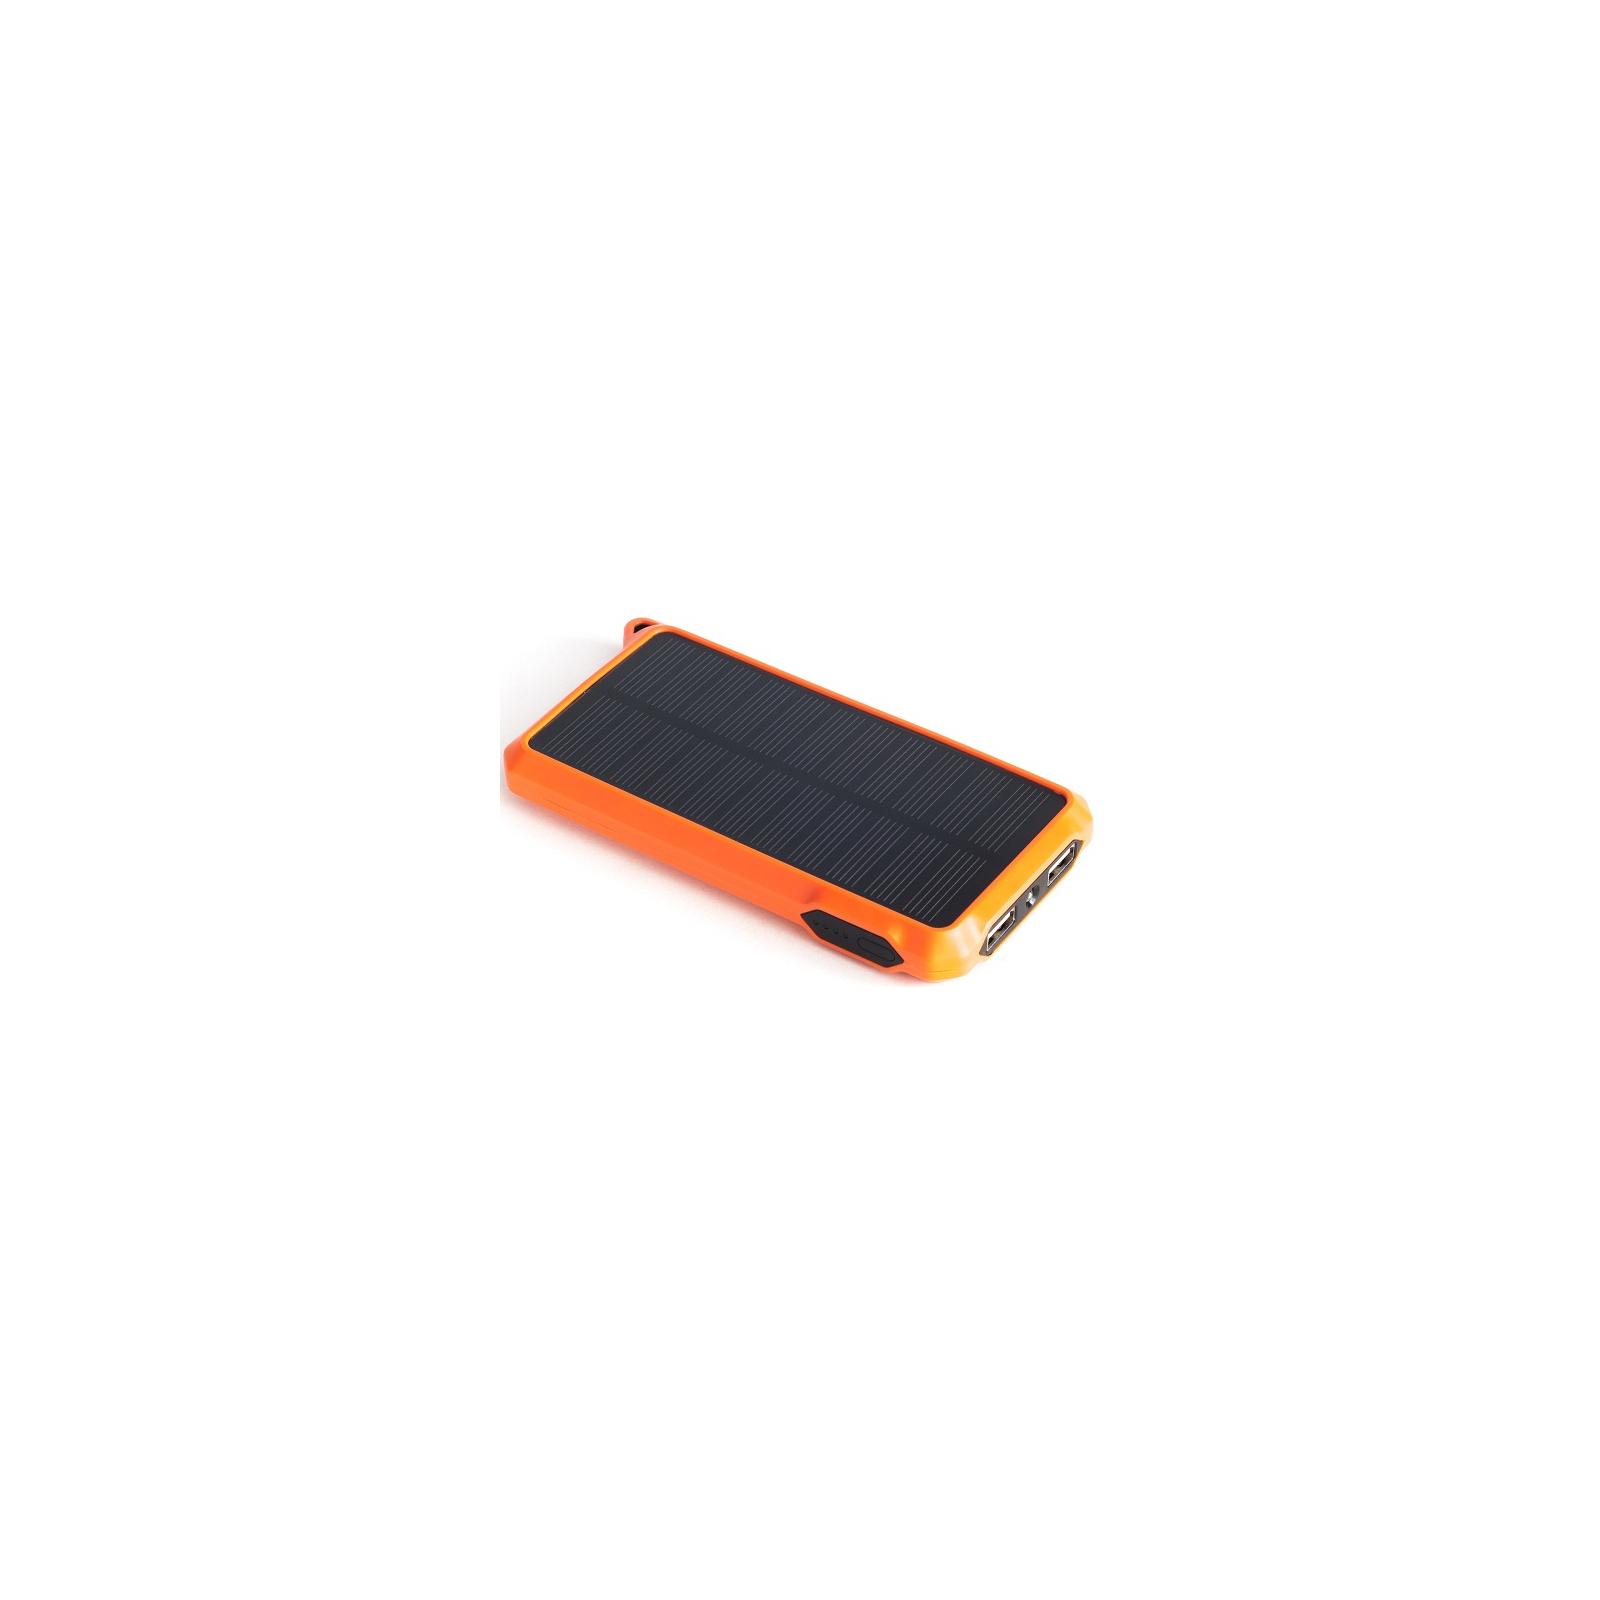 Батарея универсальная PowerPlant PB-SS002 10000mAh (PB-SS002) изображение 2